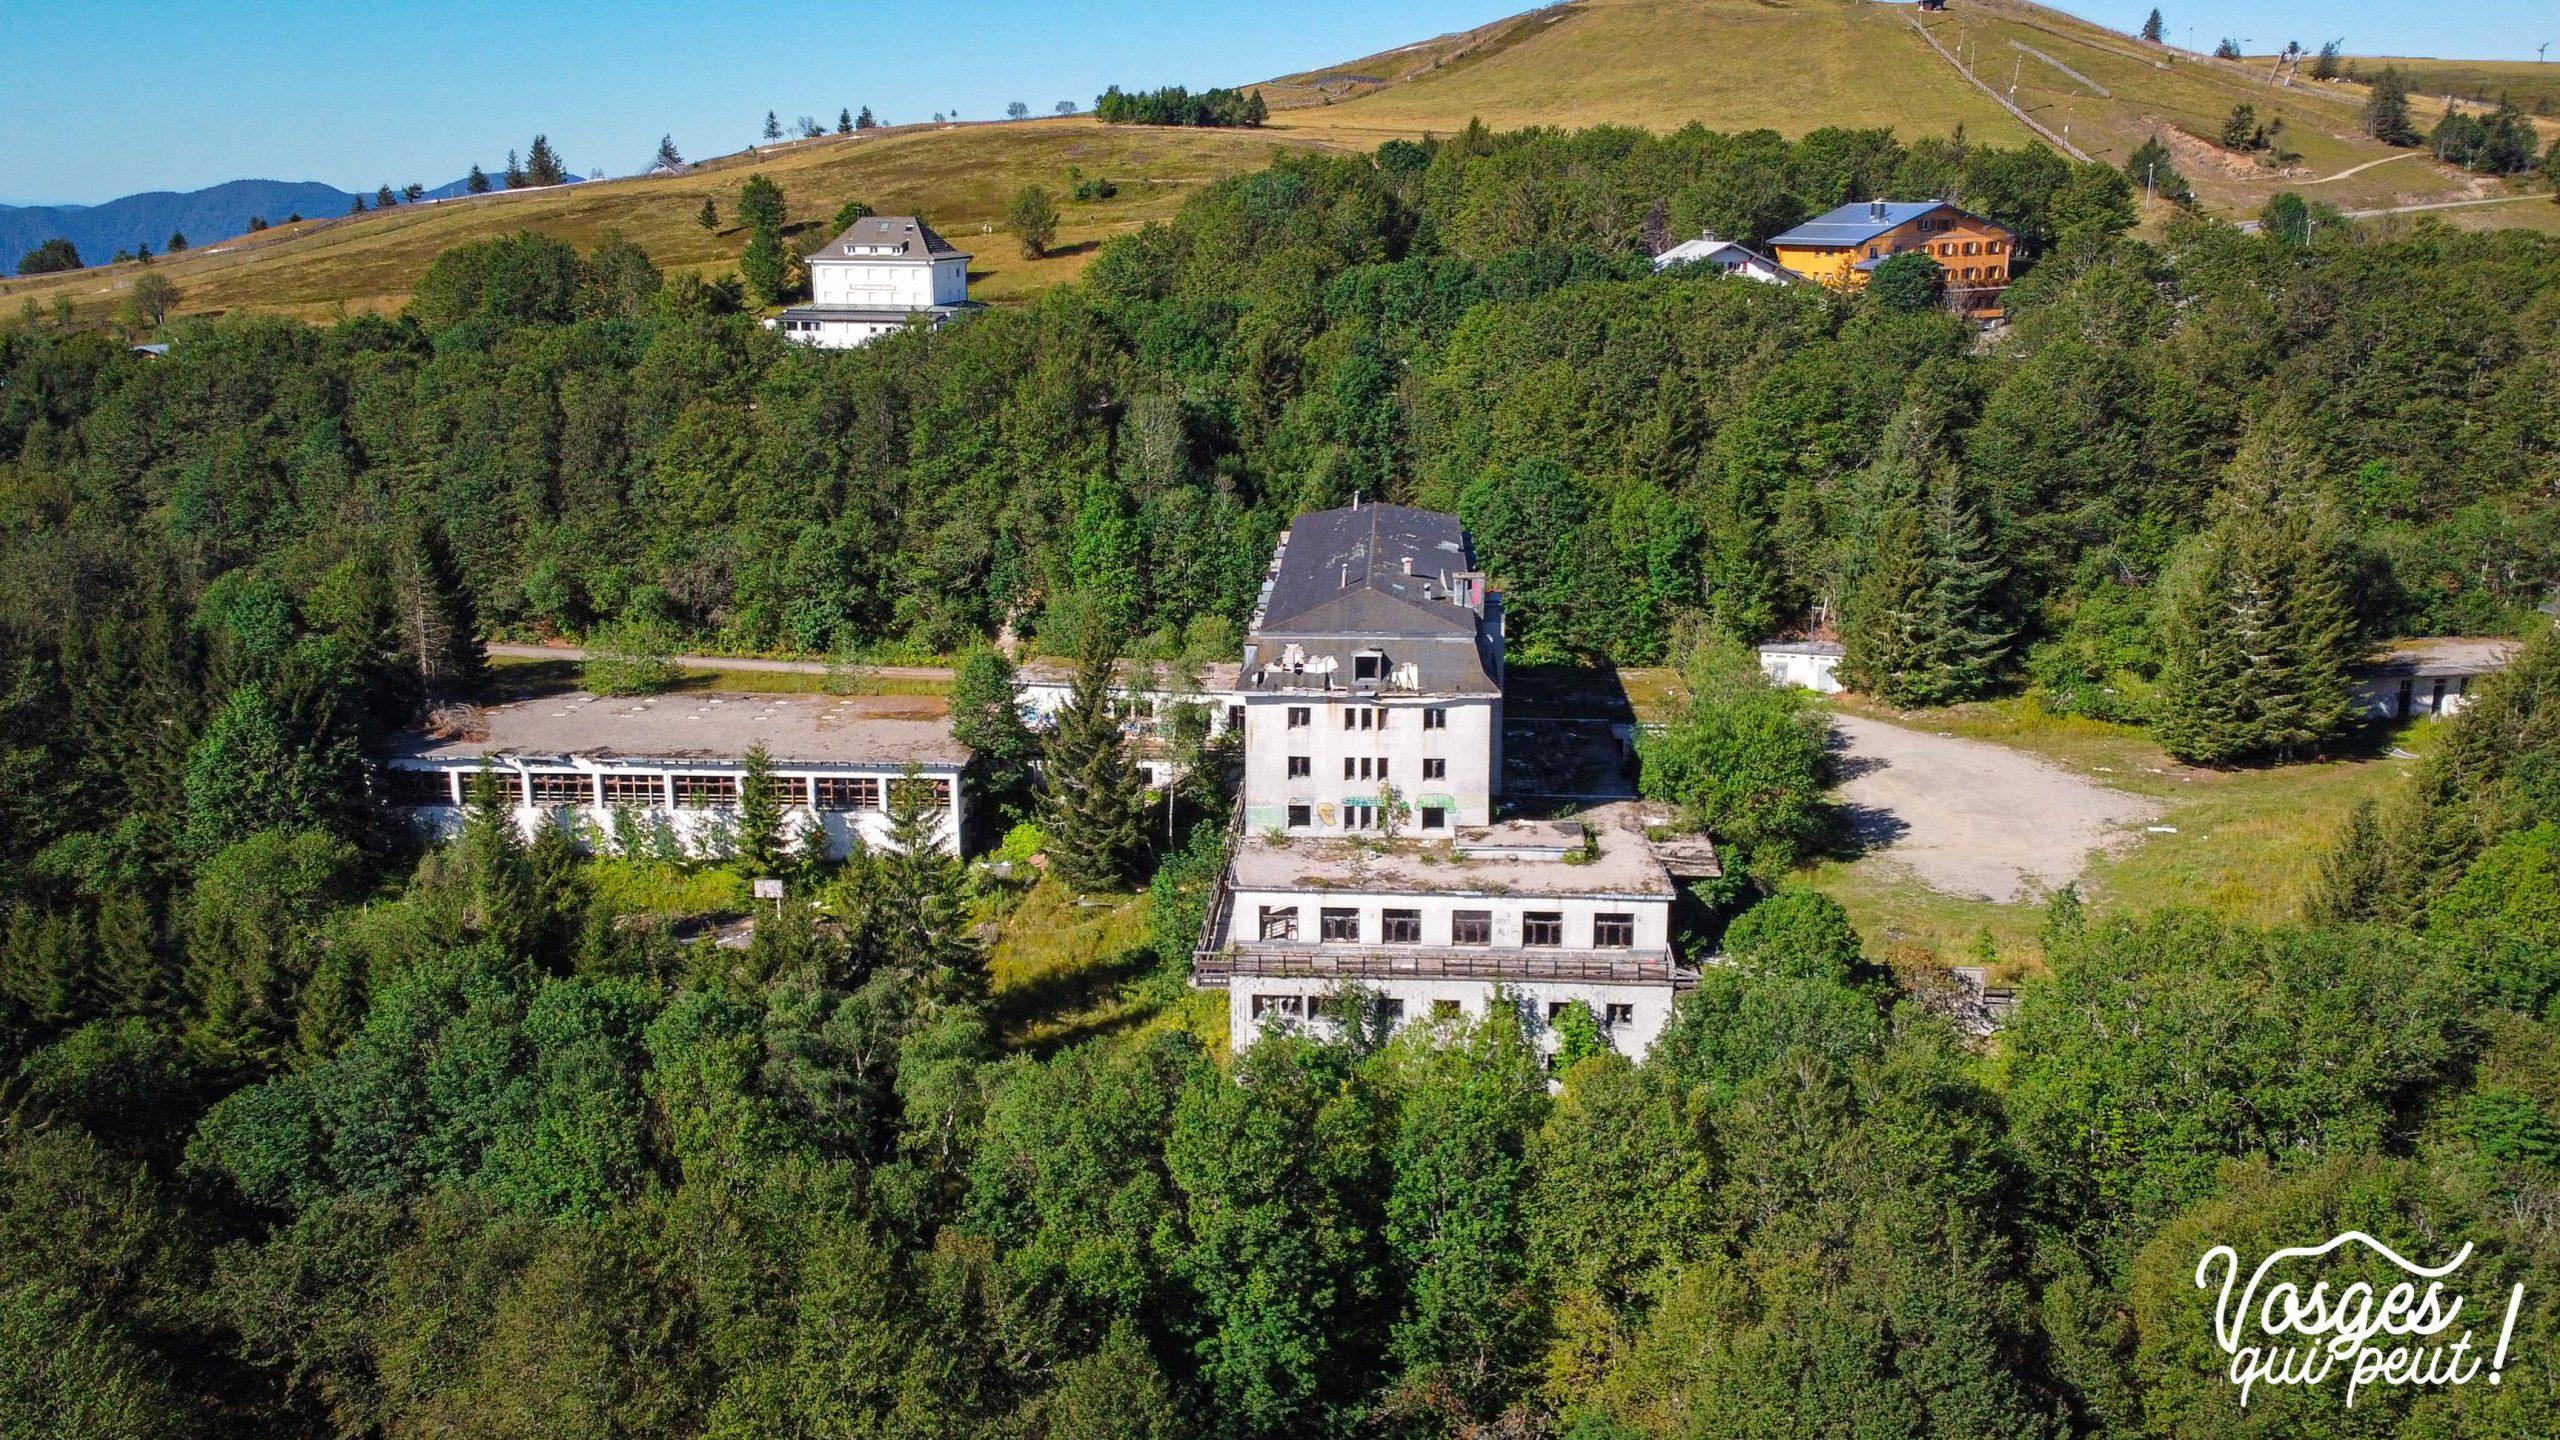 Vue aérienne de l'ancienne colonie de vacances du Markstein